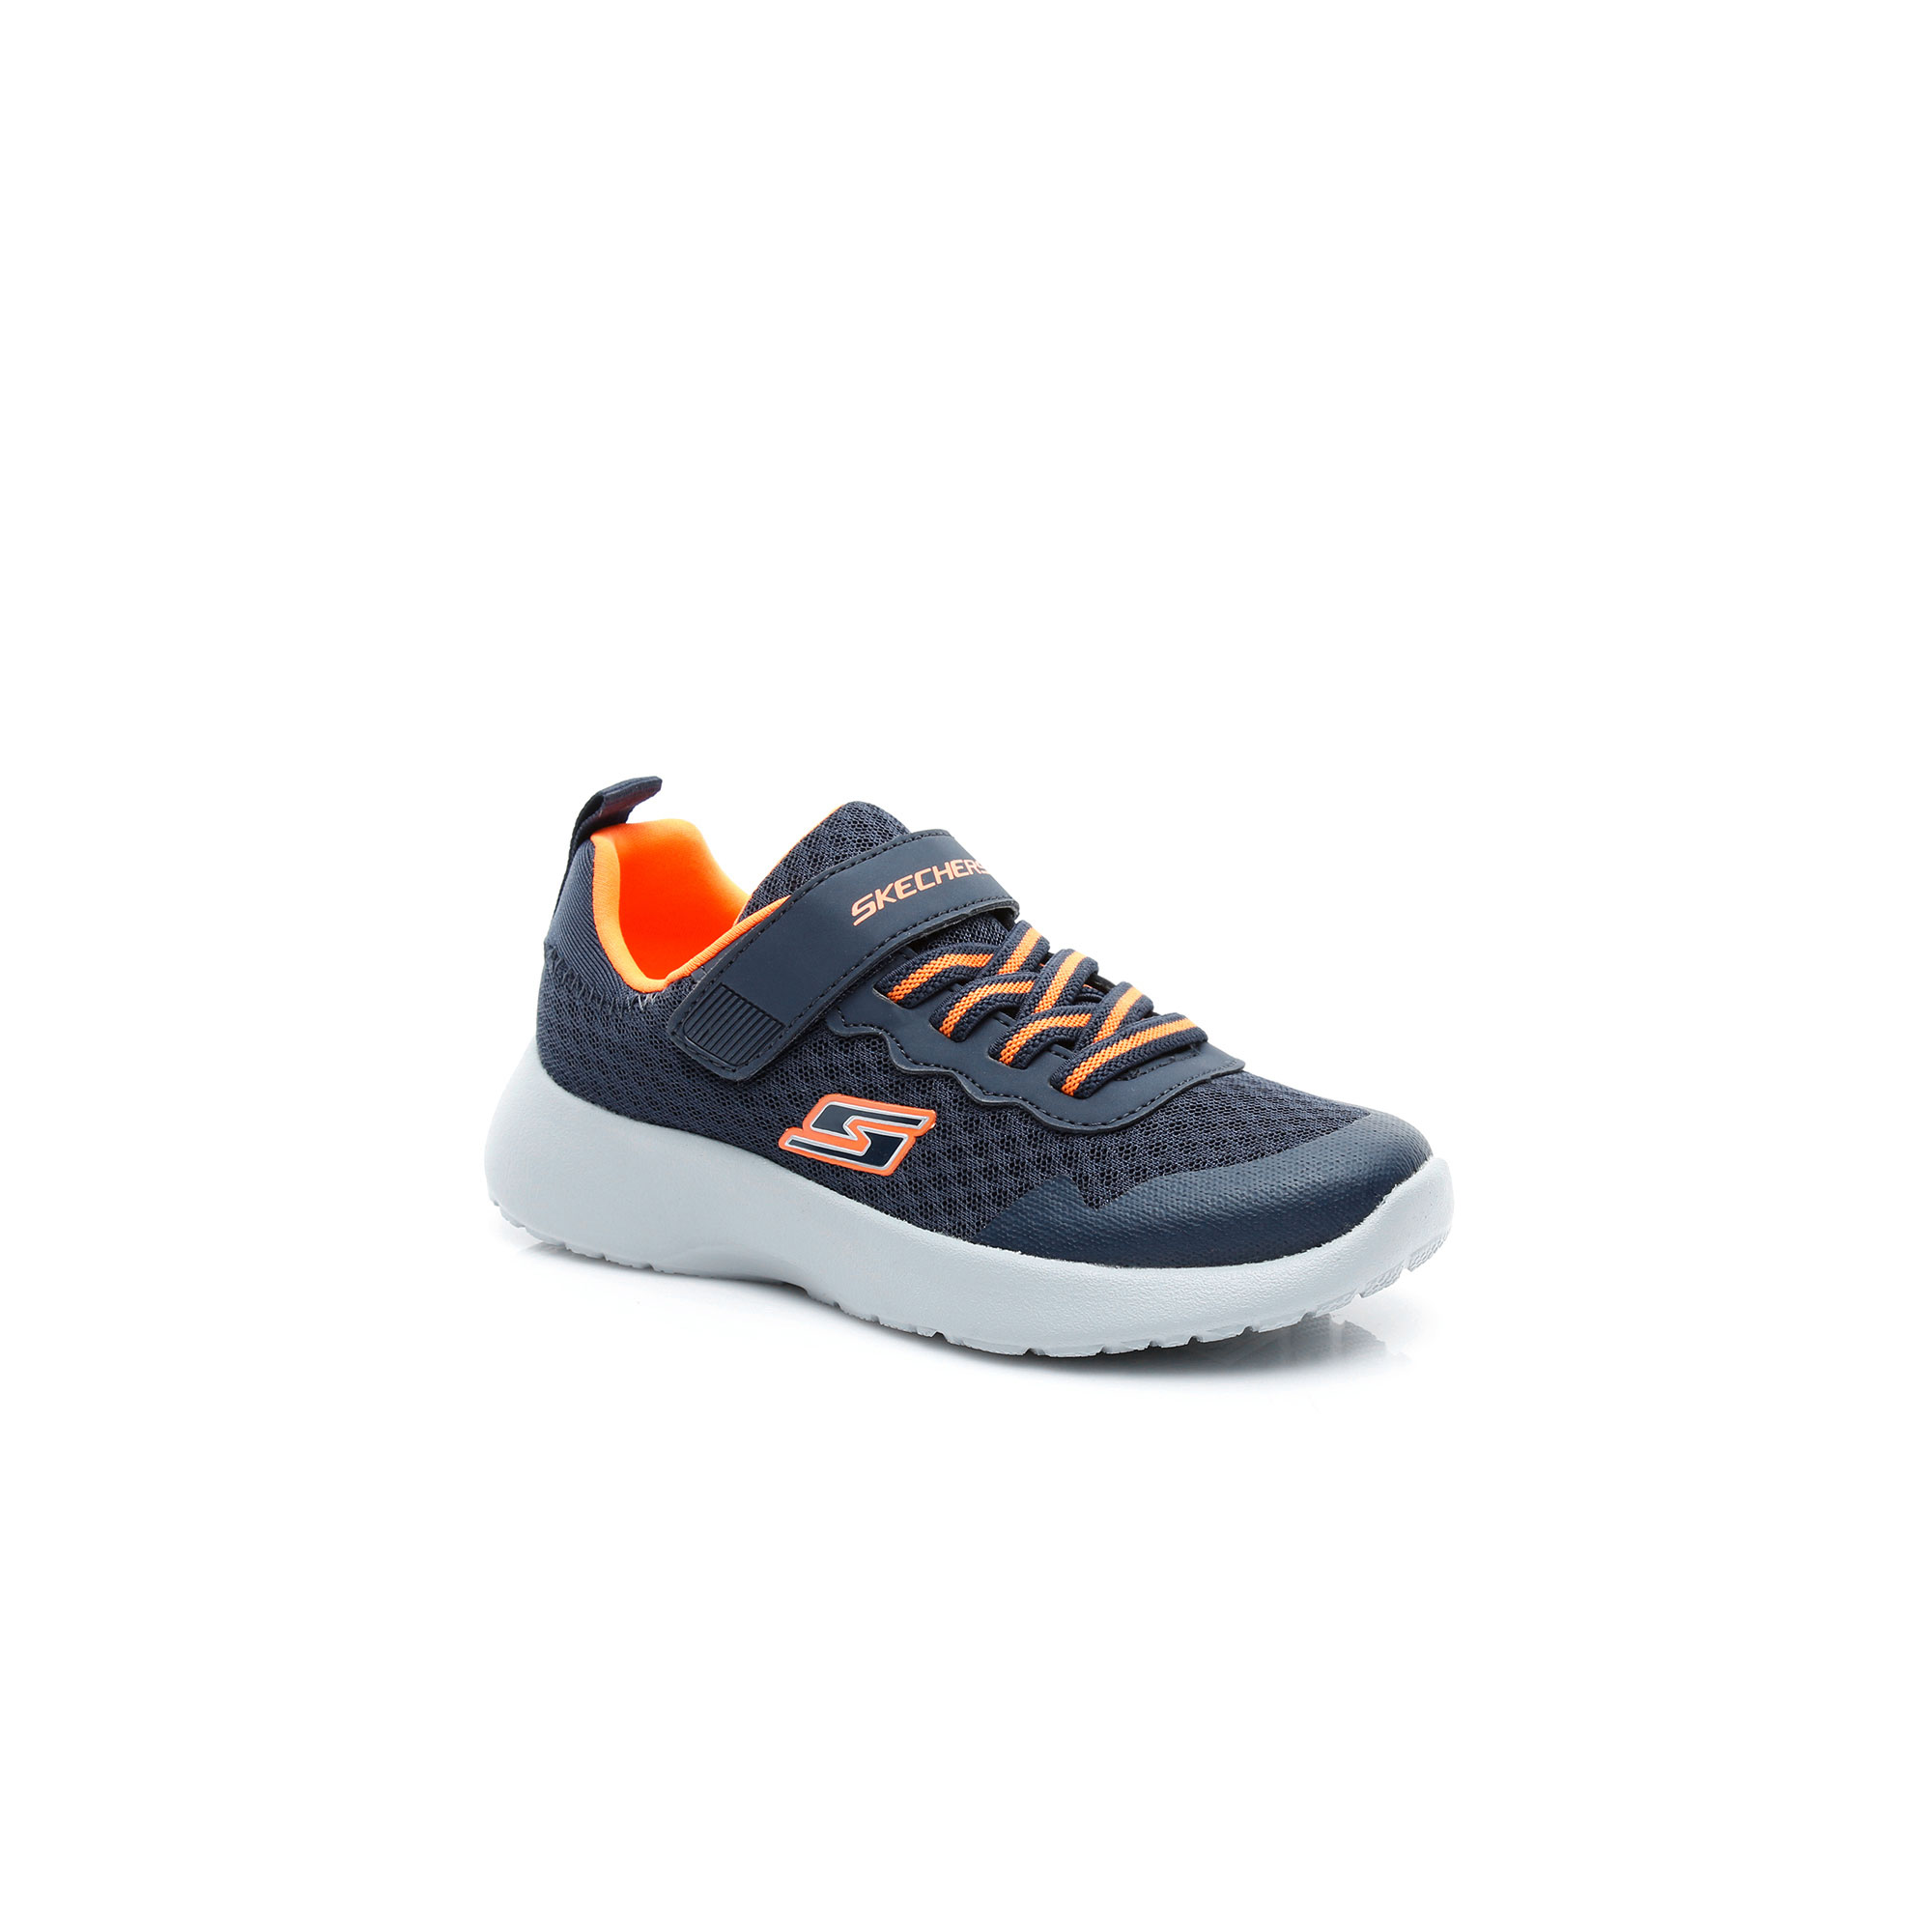 Skechers Dynamight - Hyper Torque Erkek Çocuk Lacivert-Turuncu Spor Ayakkabı